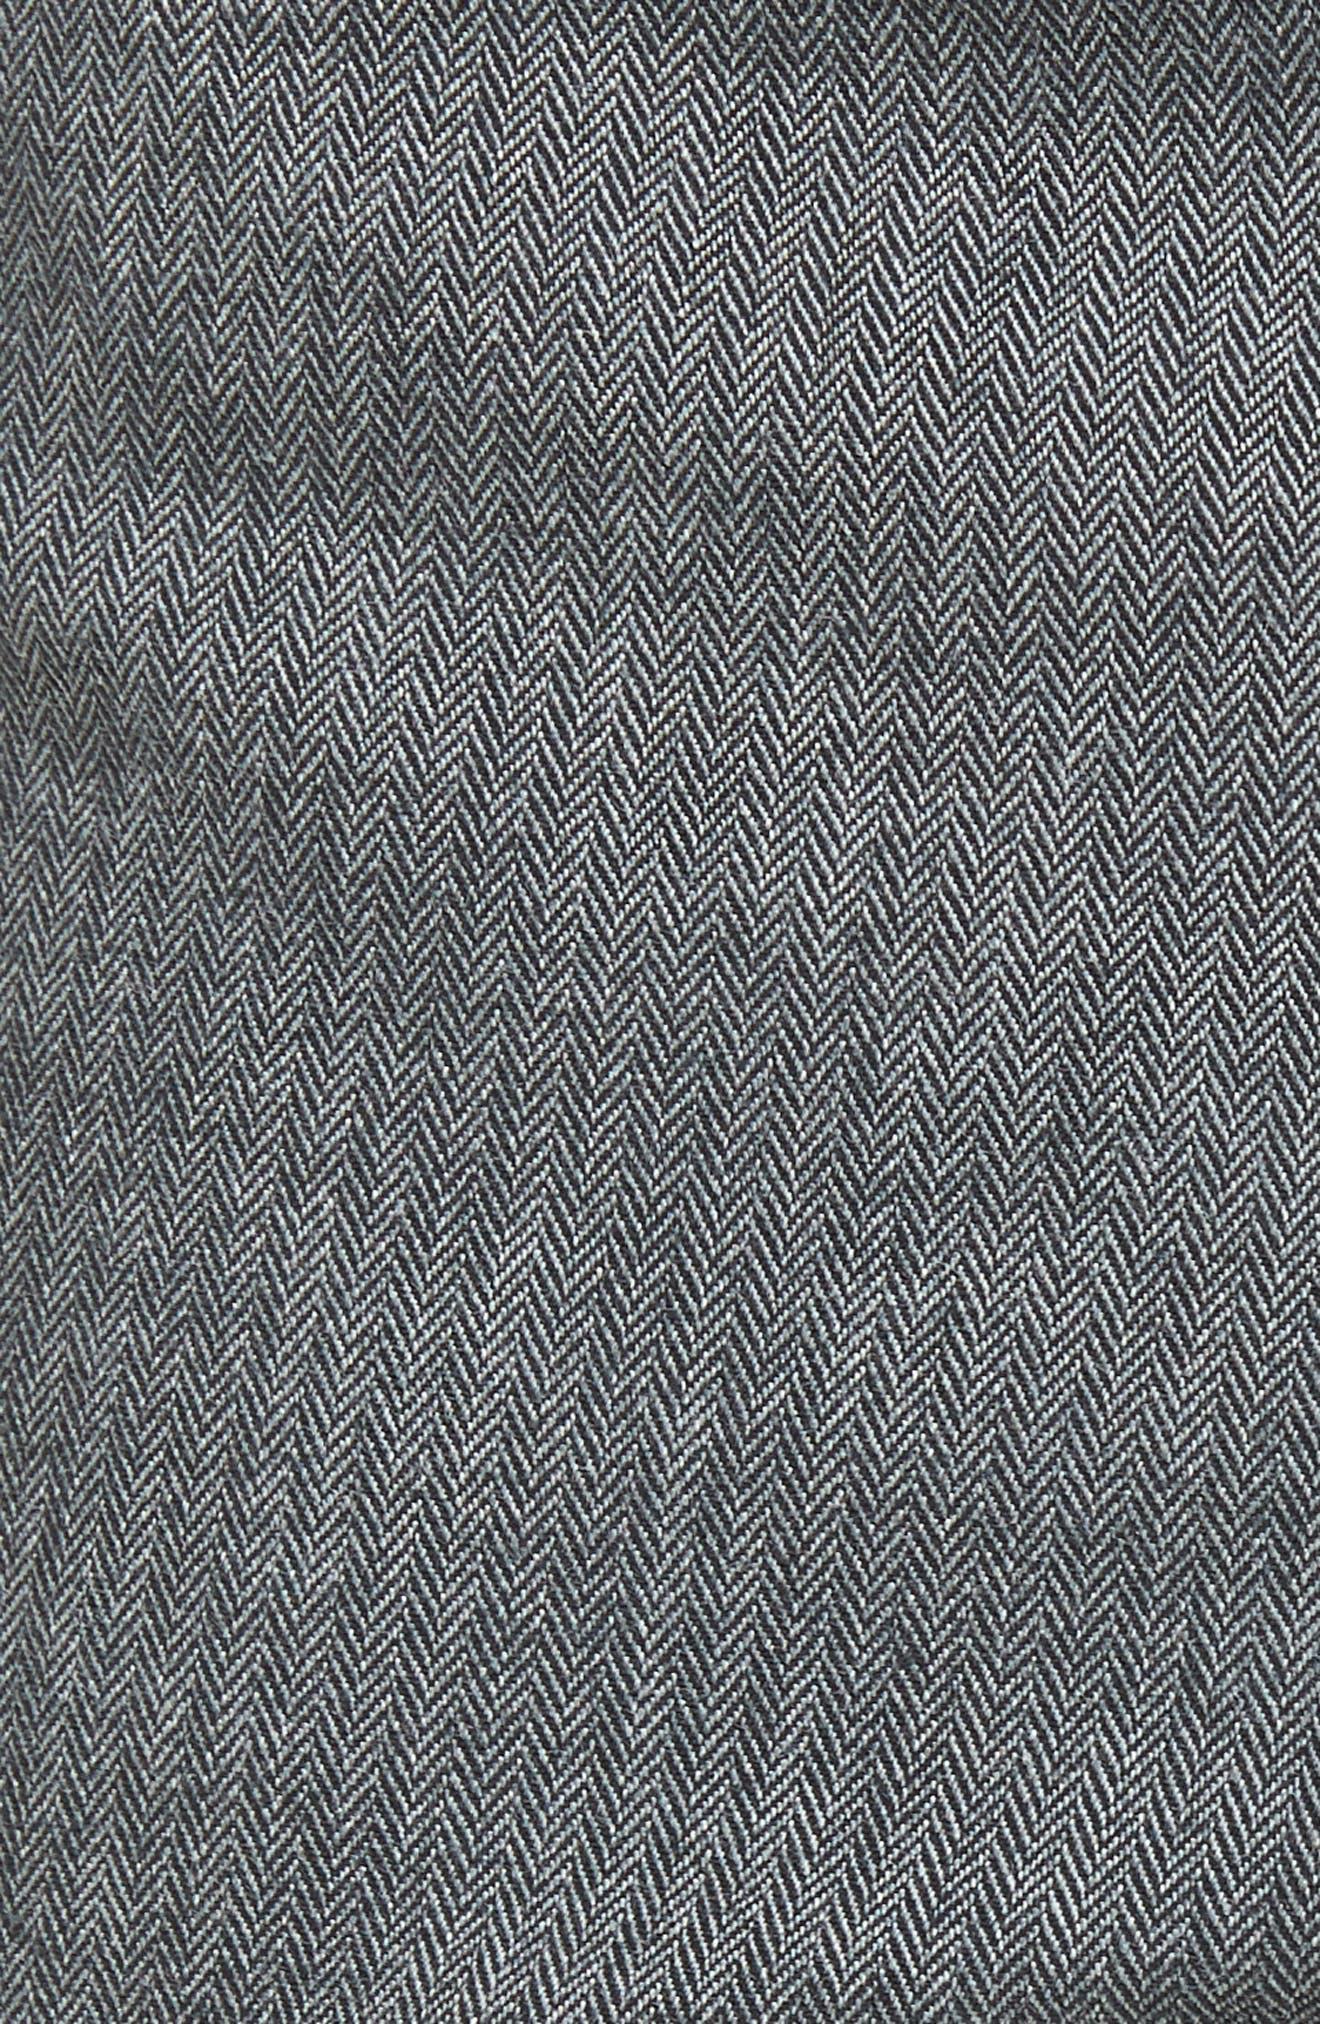 Delaware Slim Herringbone Five-Pocket Pants,                             Alternate thumbnail 5, color,                             Charcoal